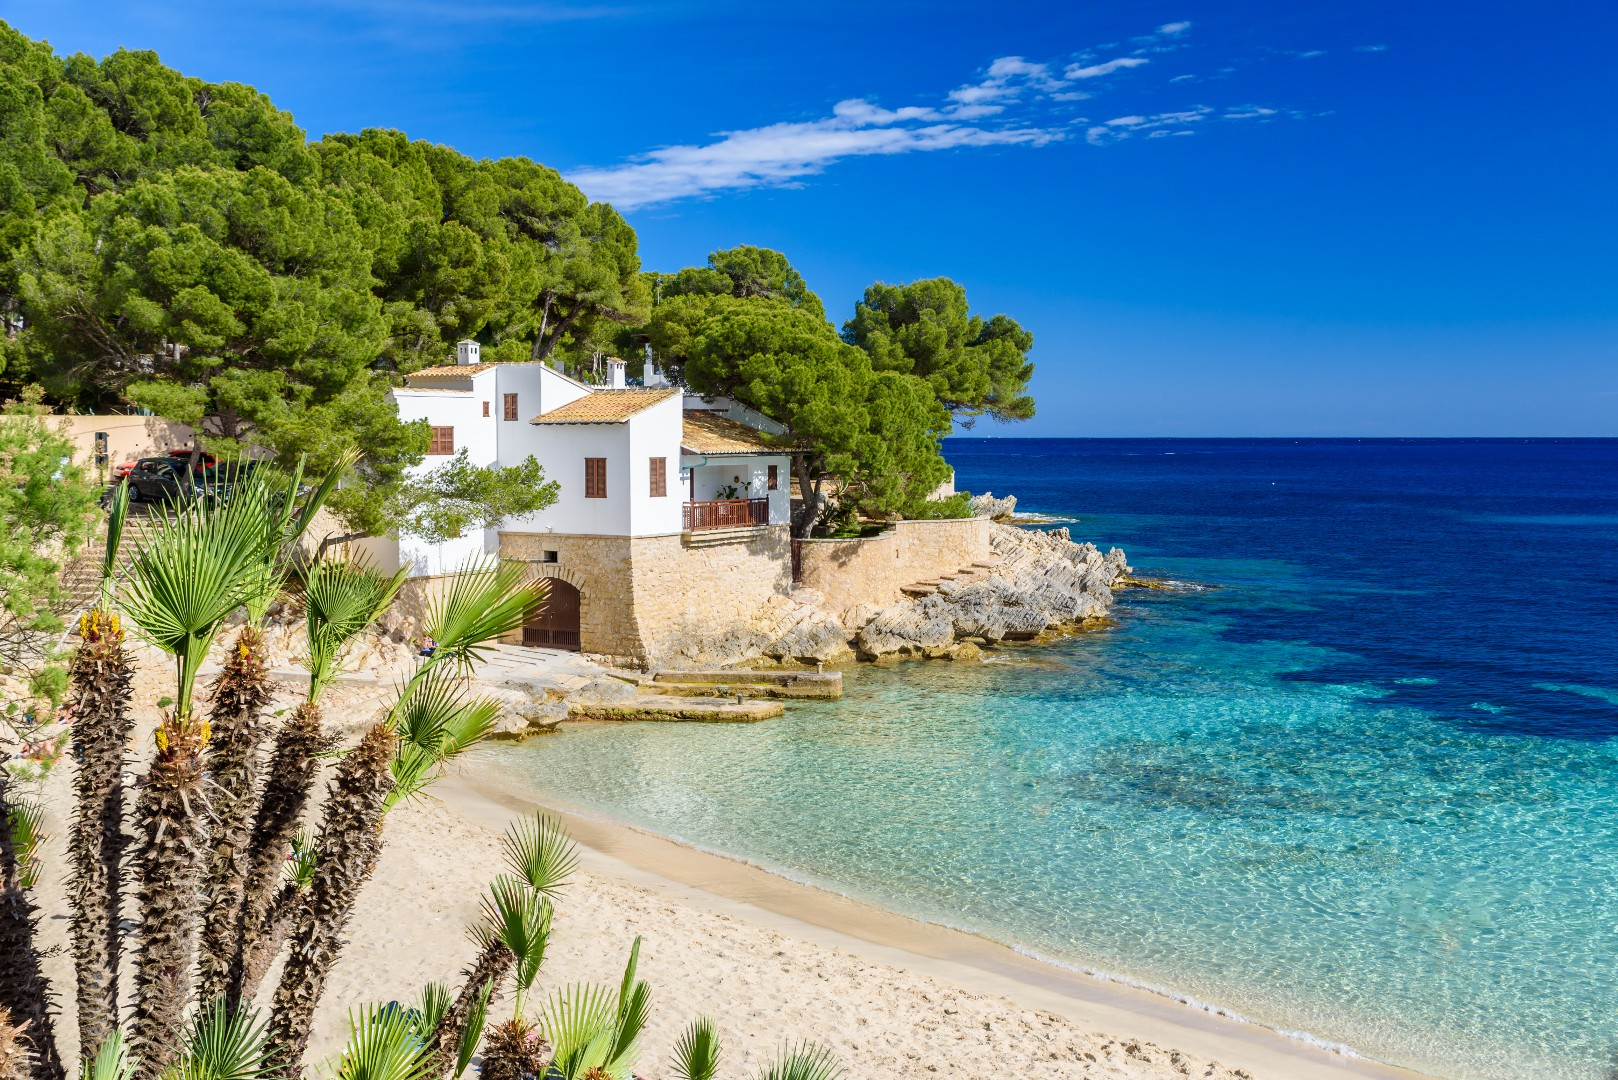 Ferienhäuser Und Ferienwohnungen Am Strand An Der Ostsee